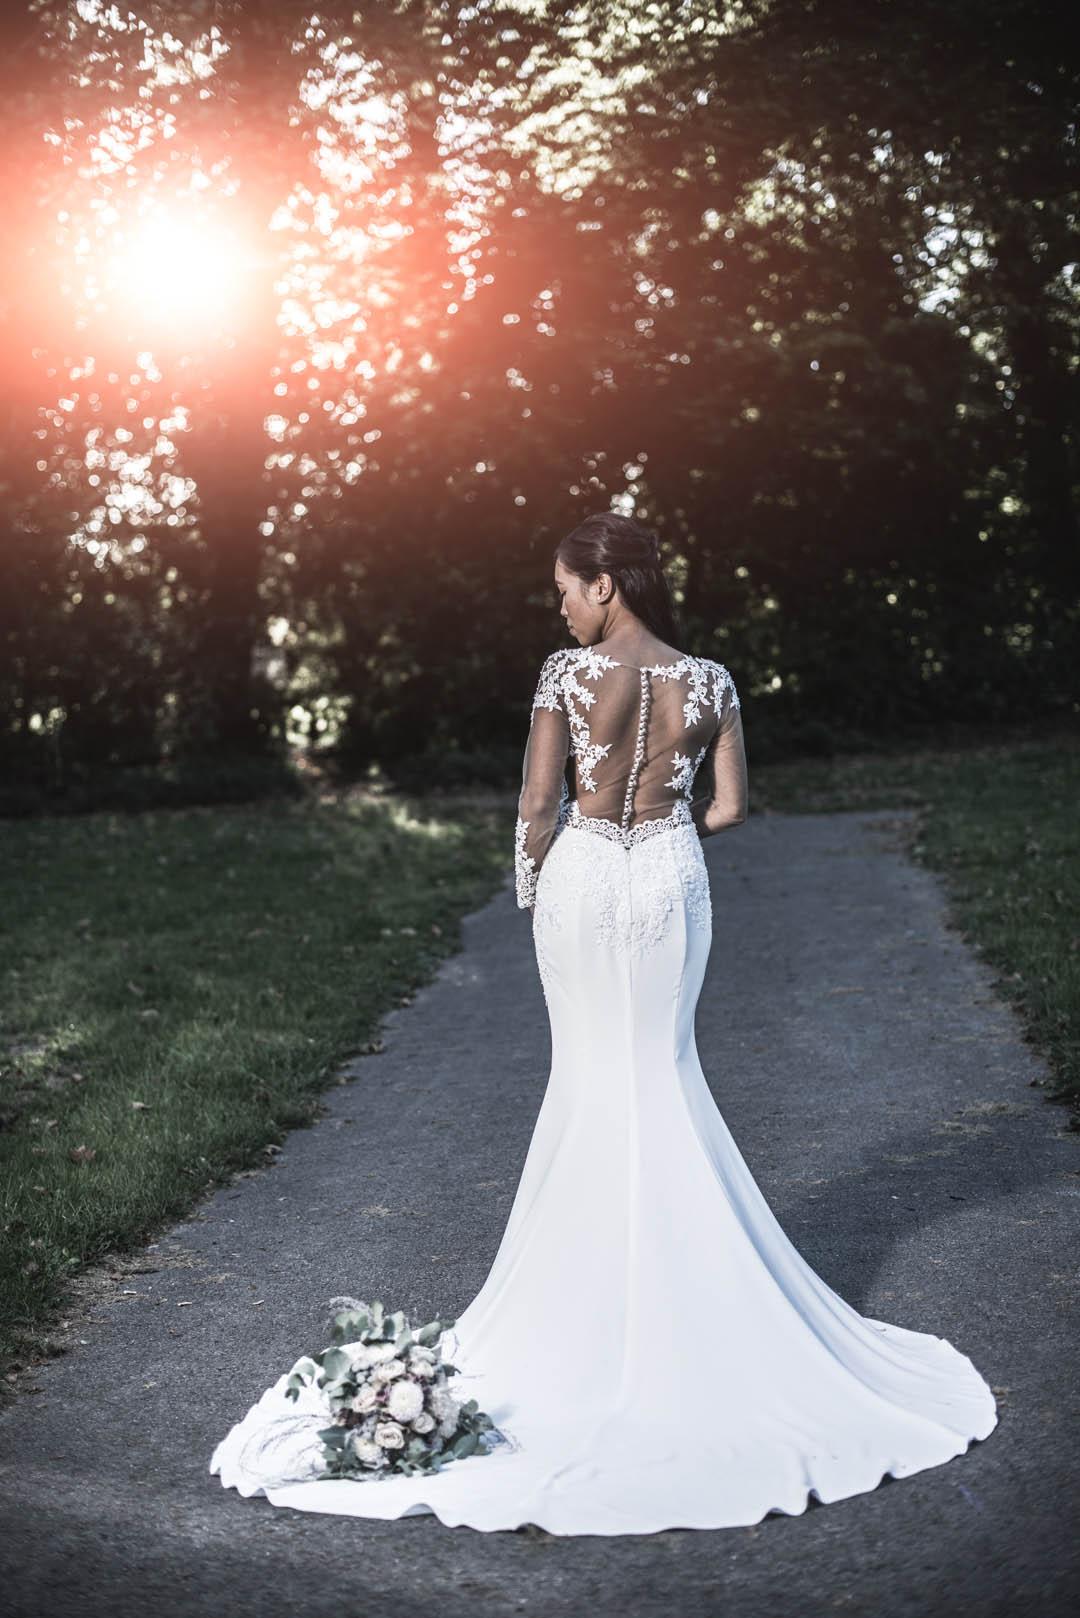 Braut posiert bei Sonnenuntergang im Park. hochzeitsvideo hochzeit filmen lassn hochzeitsvideo koeln